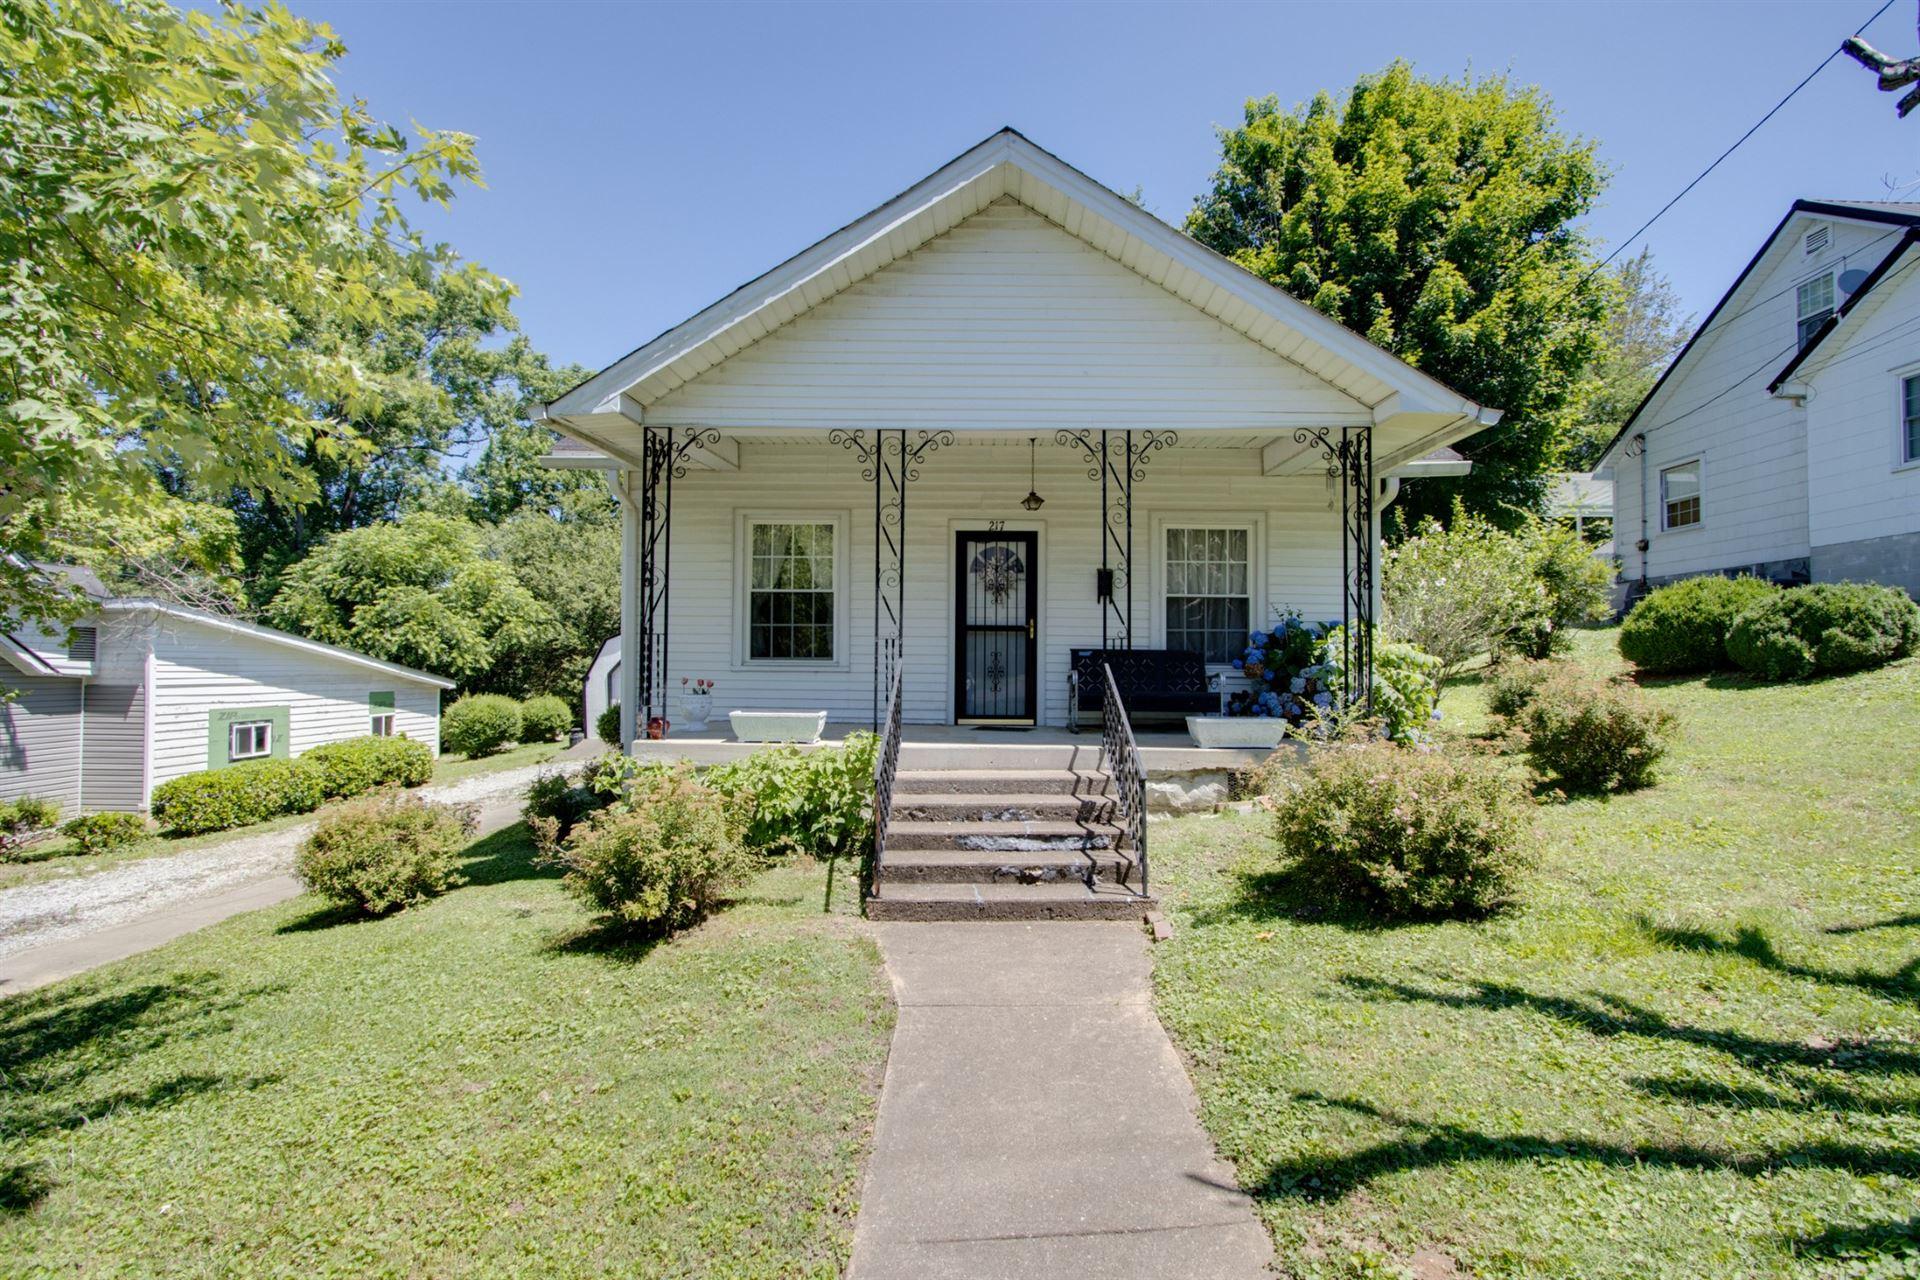 217 Fite Ave E, Carthage, TN 37030 - MLS#: 2268202